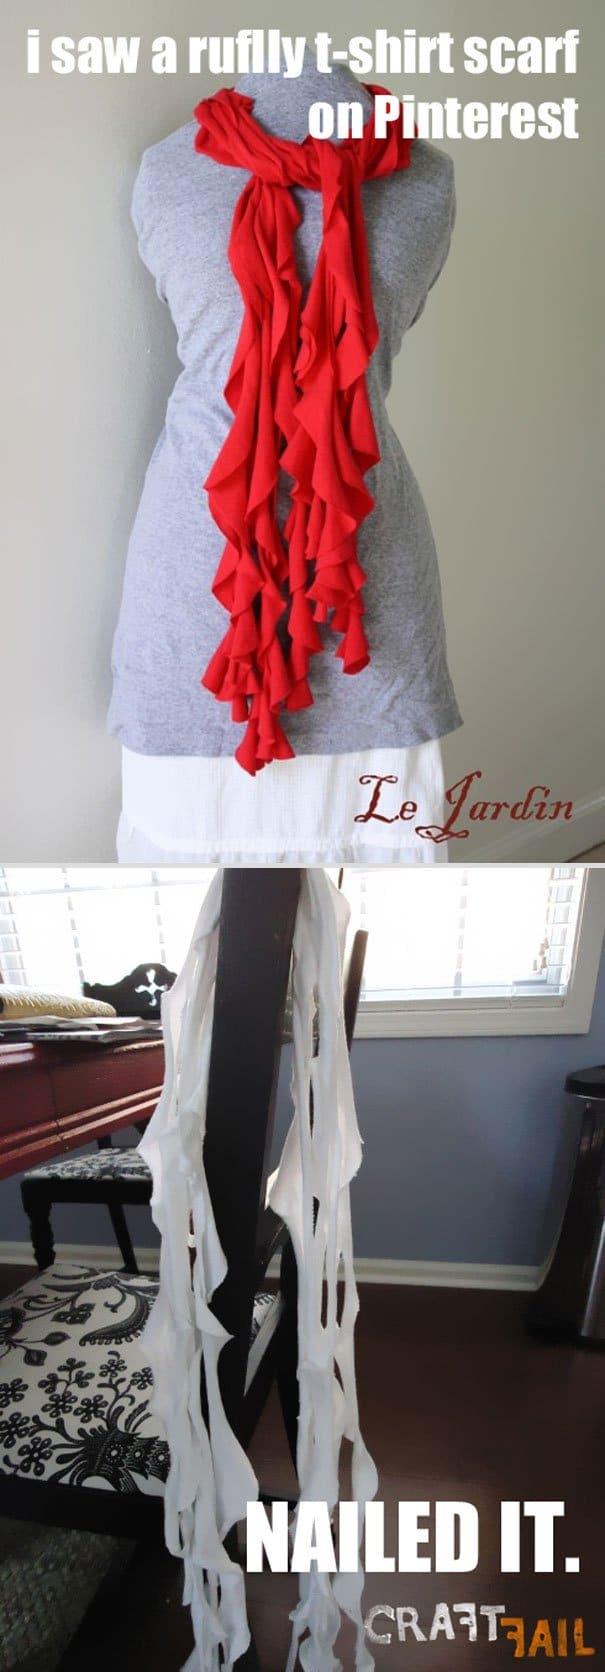 fails-scarf